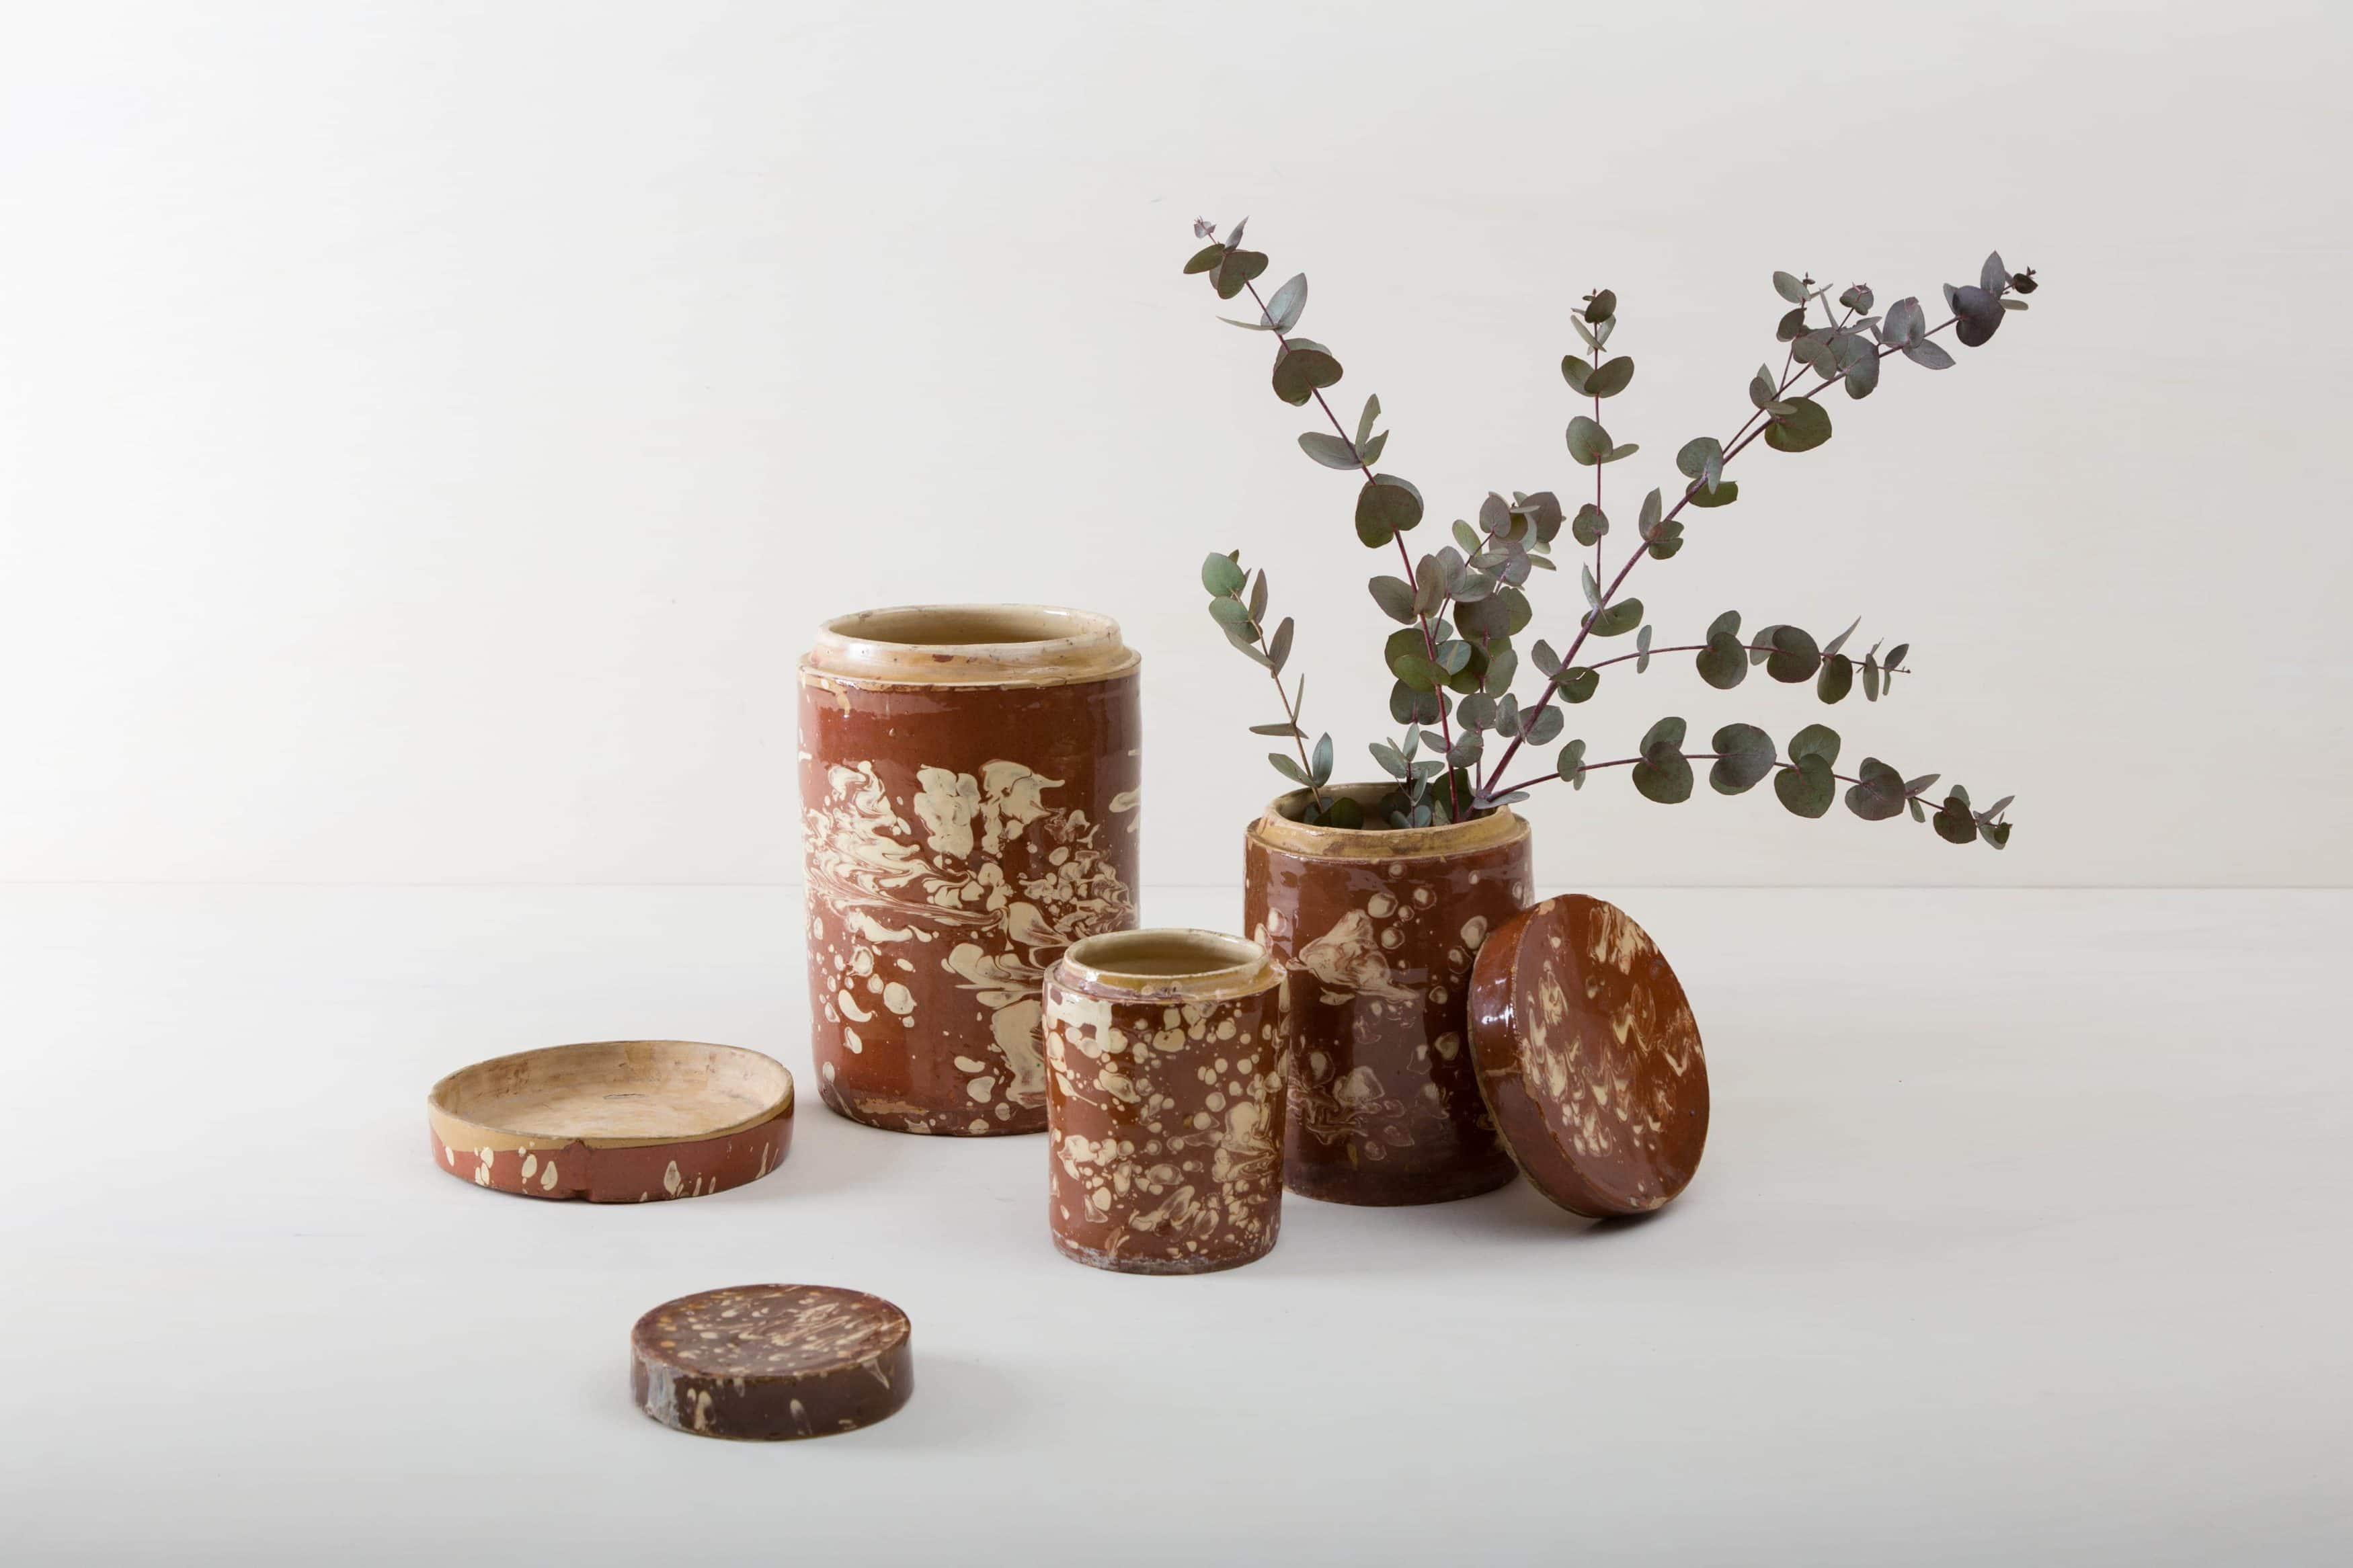 """Diese besonderen Vasen der Serie Punca sind ganz individuell und interessant bräunlich marmoriert. Gemeinsam geben sie ein harmonisches Bild ab und sehen zu Herbst wie Sommerevents gleichermaßen gut aus. Ob als Vase für einen tollen Frühlings- oder Kornblumenstrauß oder aber als Süßigkeitendose auf dem Buffettisch– Vase Punca ist abwechslungsreich und mal """"etwas anderes"""". Braun marmorierte Keramik, die alte Technik der Marmorglasur ist in Süditalien sehr beliebt. Die zylindrischen Vorratsgefässe stammen aus den 1930er Jahren und es wurden darin Antipasti oder Oliven gelagert. Nun gut gereinigt kannst Du die Gefäße als Vase für Dein Eventstyling oder Hochzeitsdekoration einsetzen."""